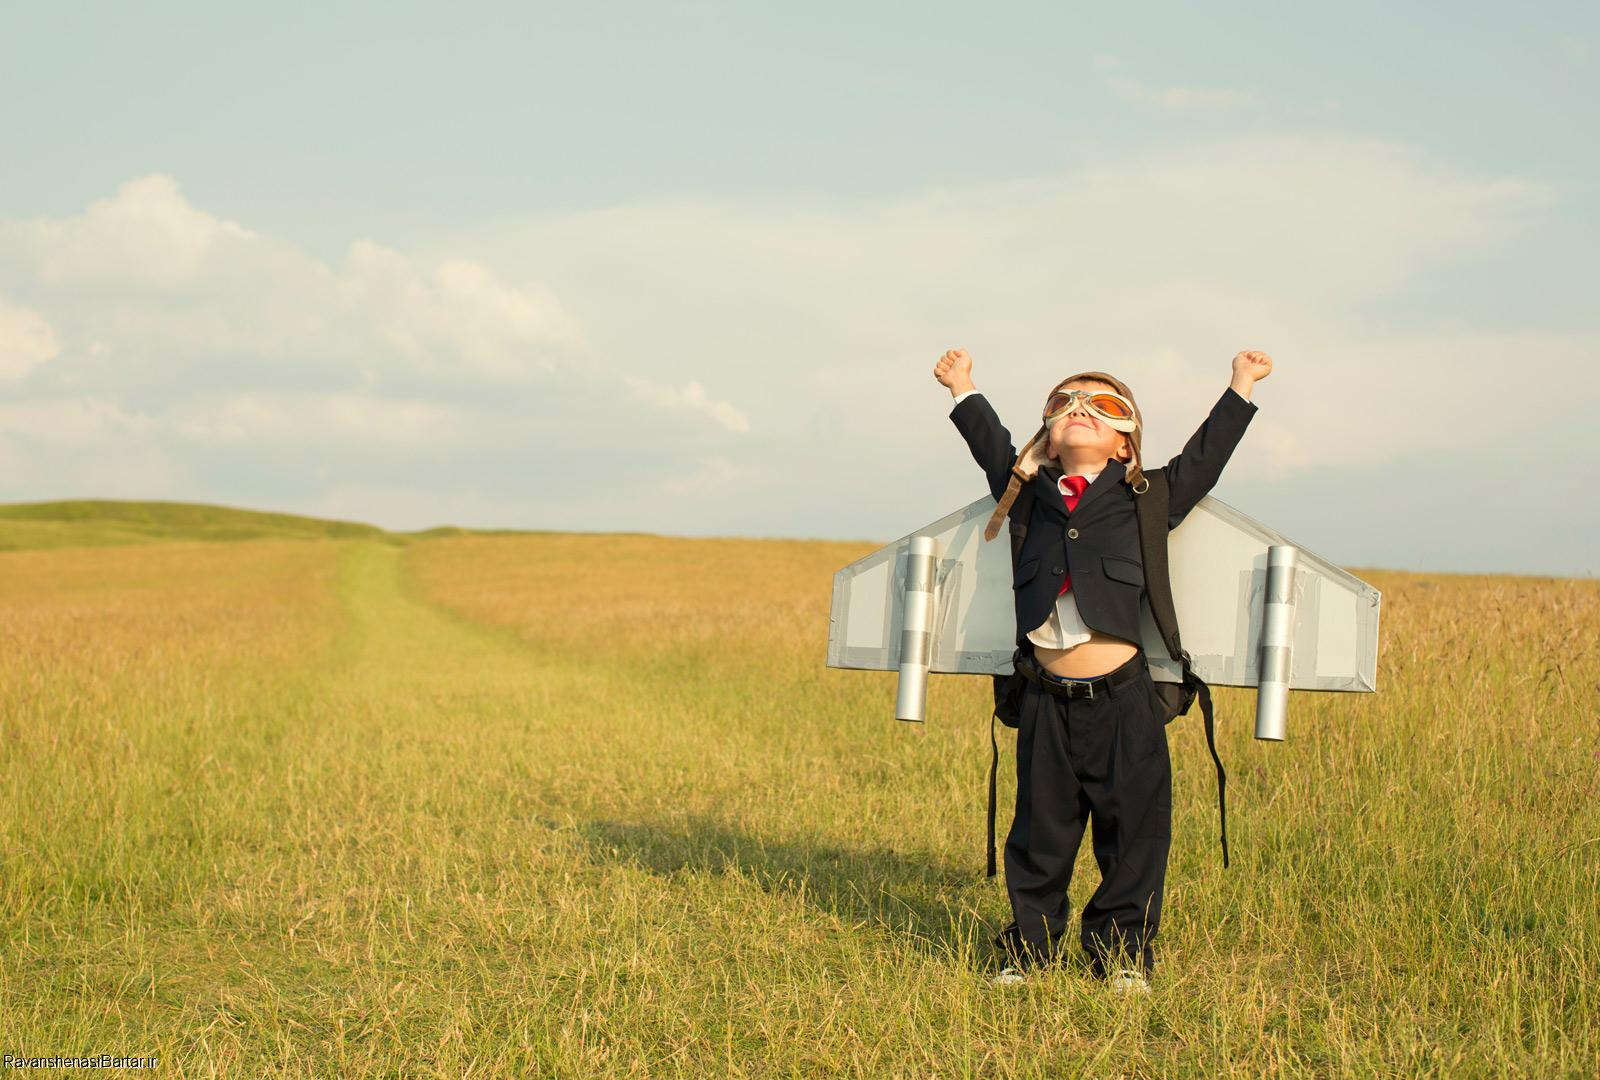 خوش بینی | راهکار افزایش خوش بینی در زندگی